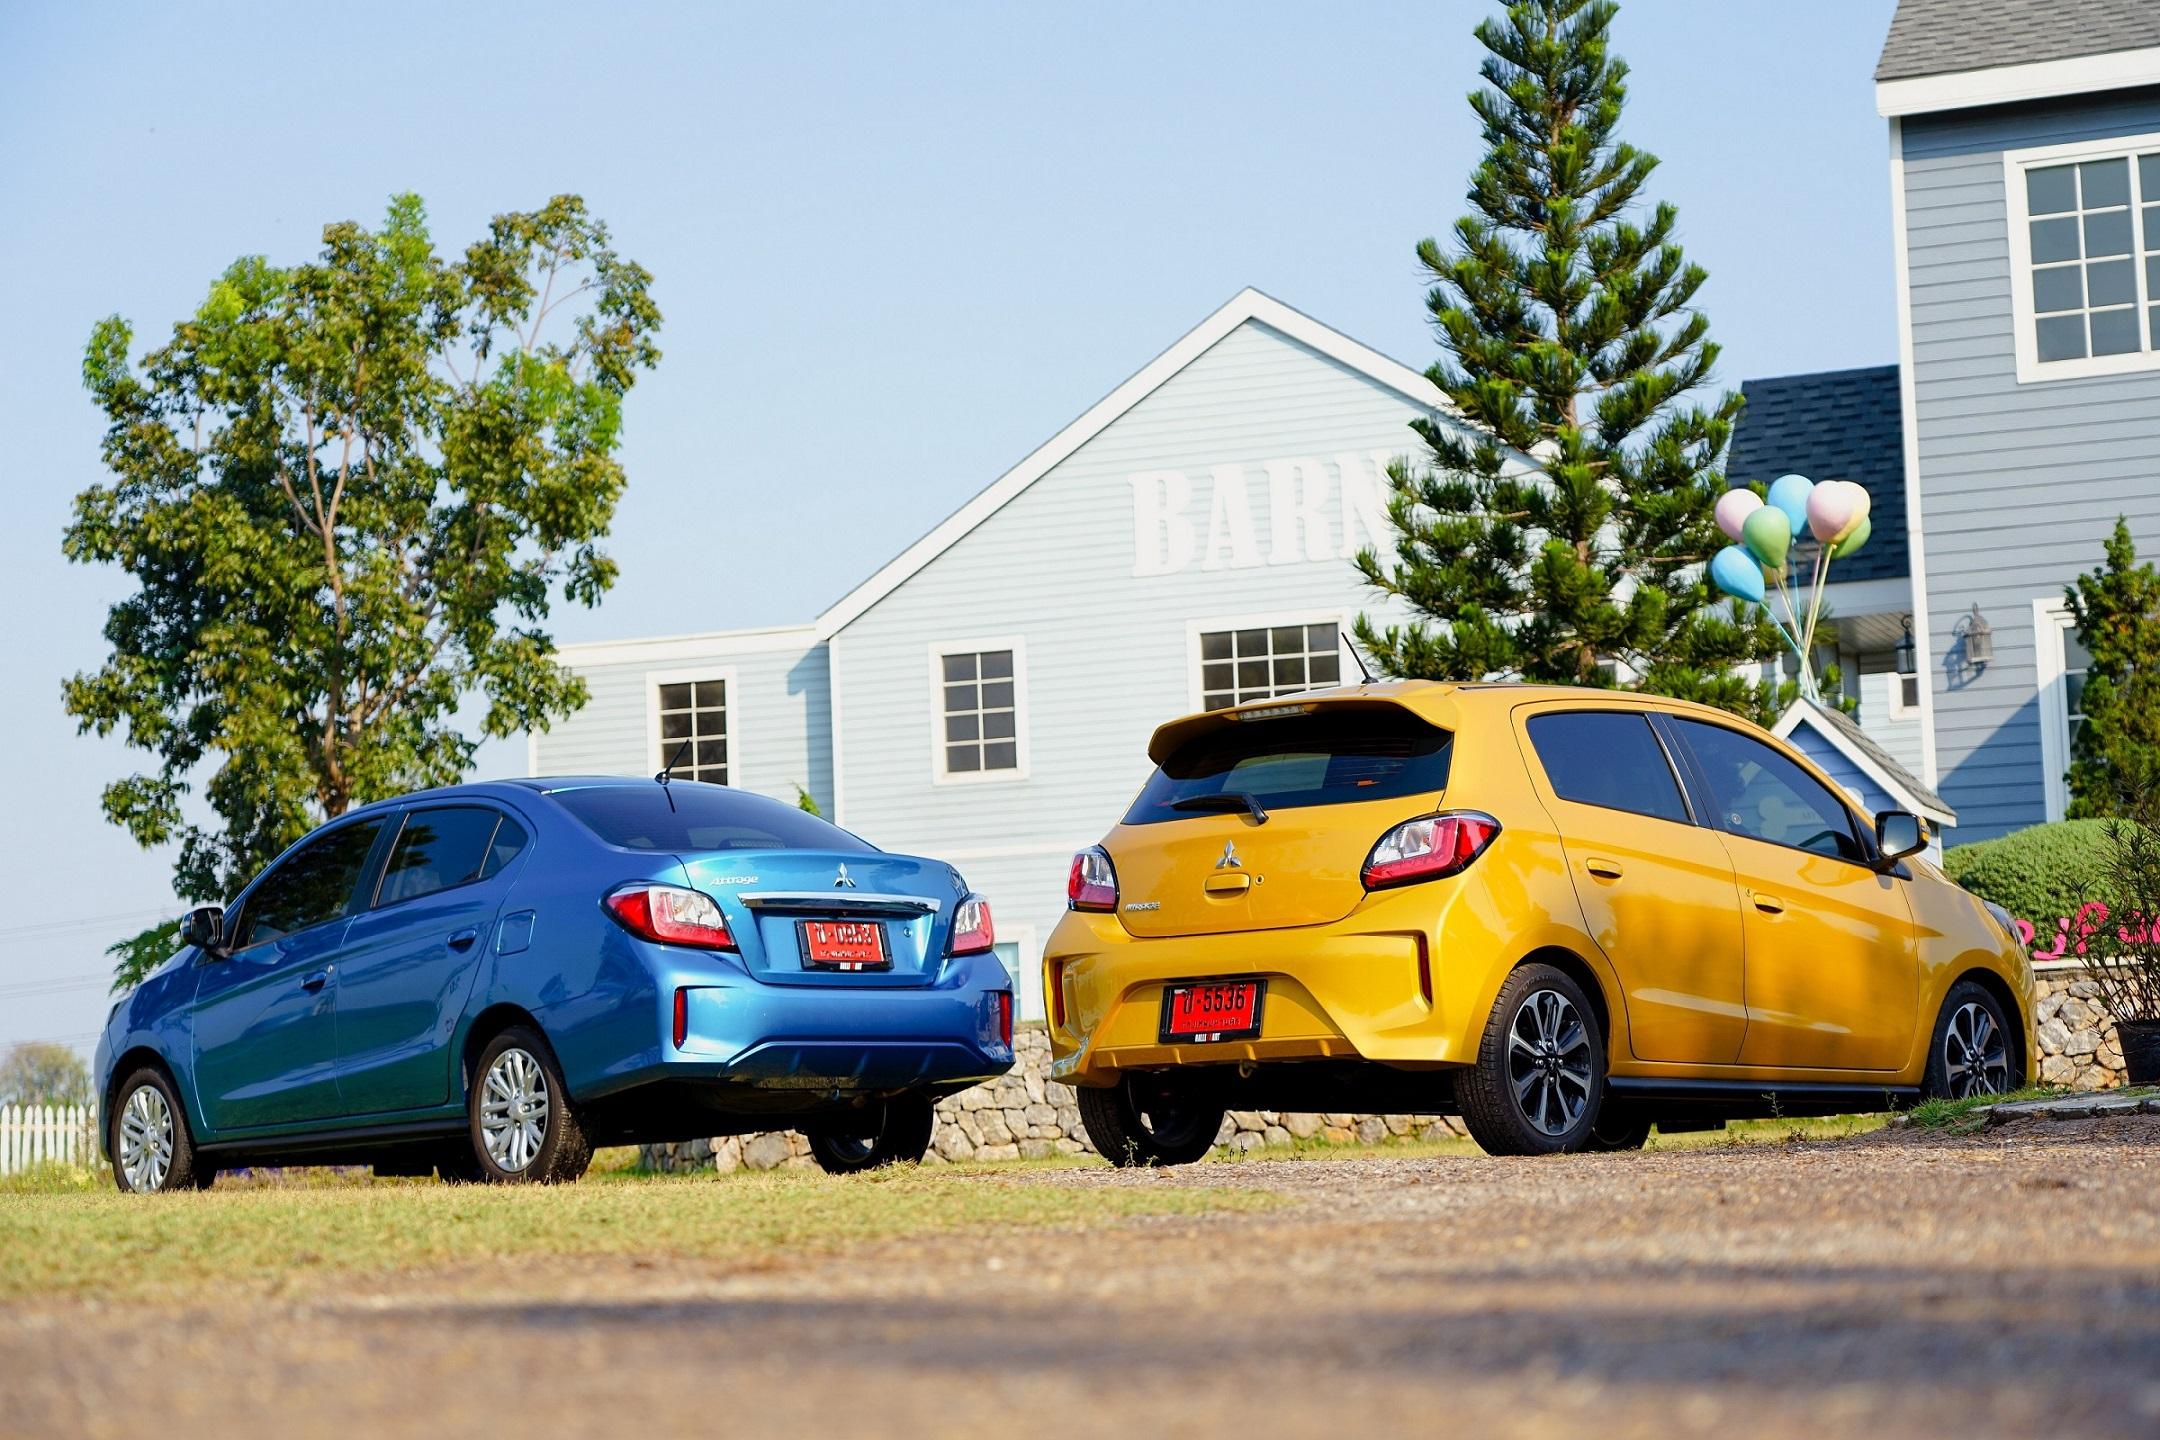 3.ข่าวรถวันนี้ : มิตซูบิชิ แนะนำทริคเลือกซื้อรถคันแรก.!!.